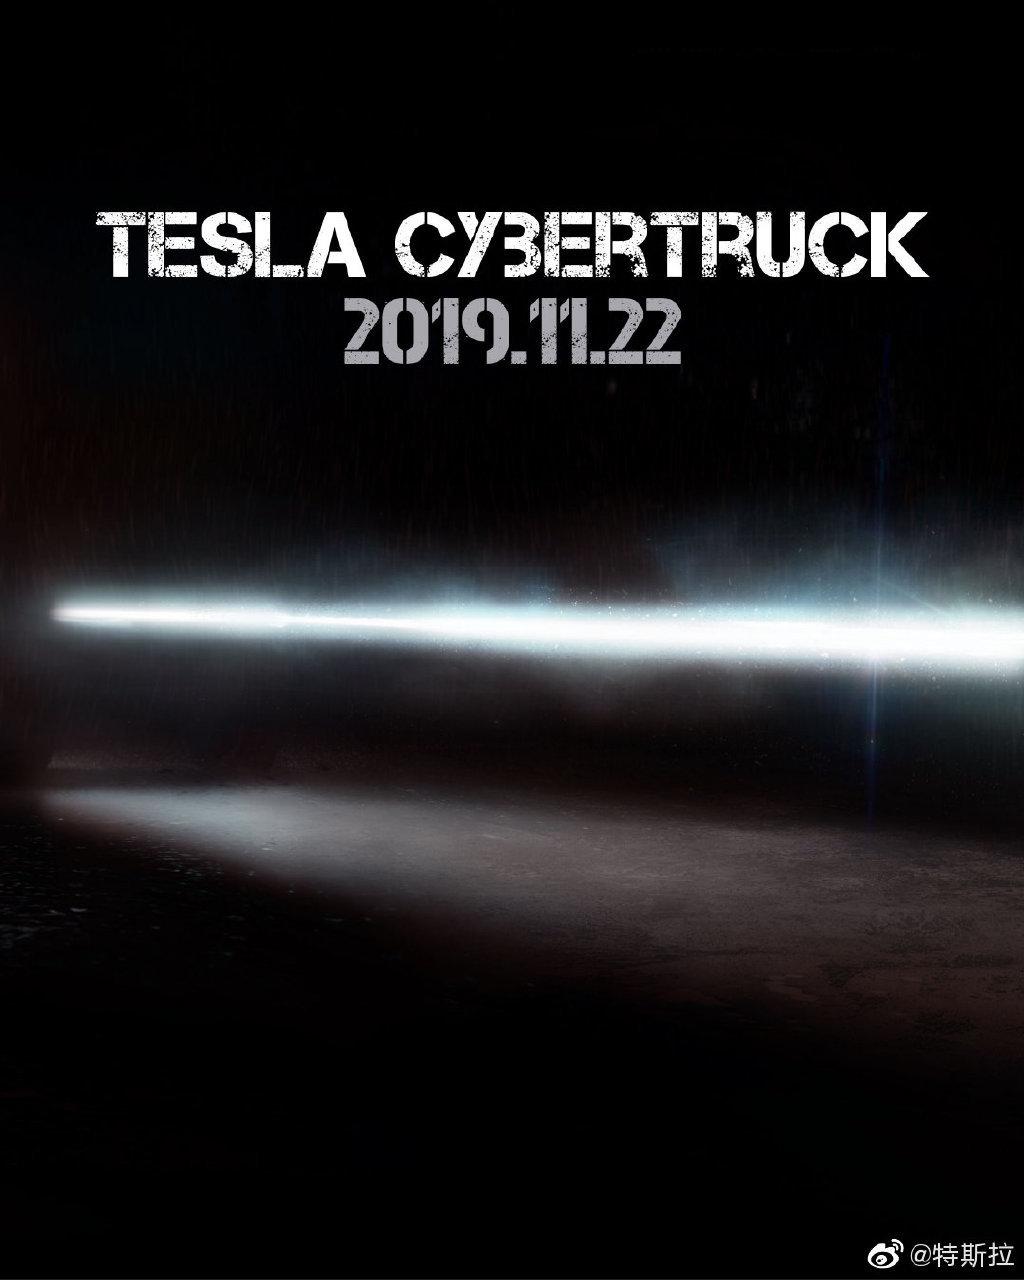 特斯拉 Cybertruck 皮卡将于明日亮相,续航 800 公里 - 热点资讯